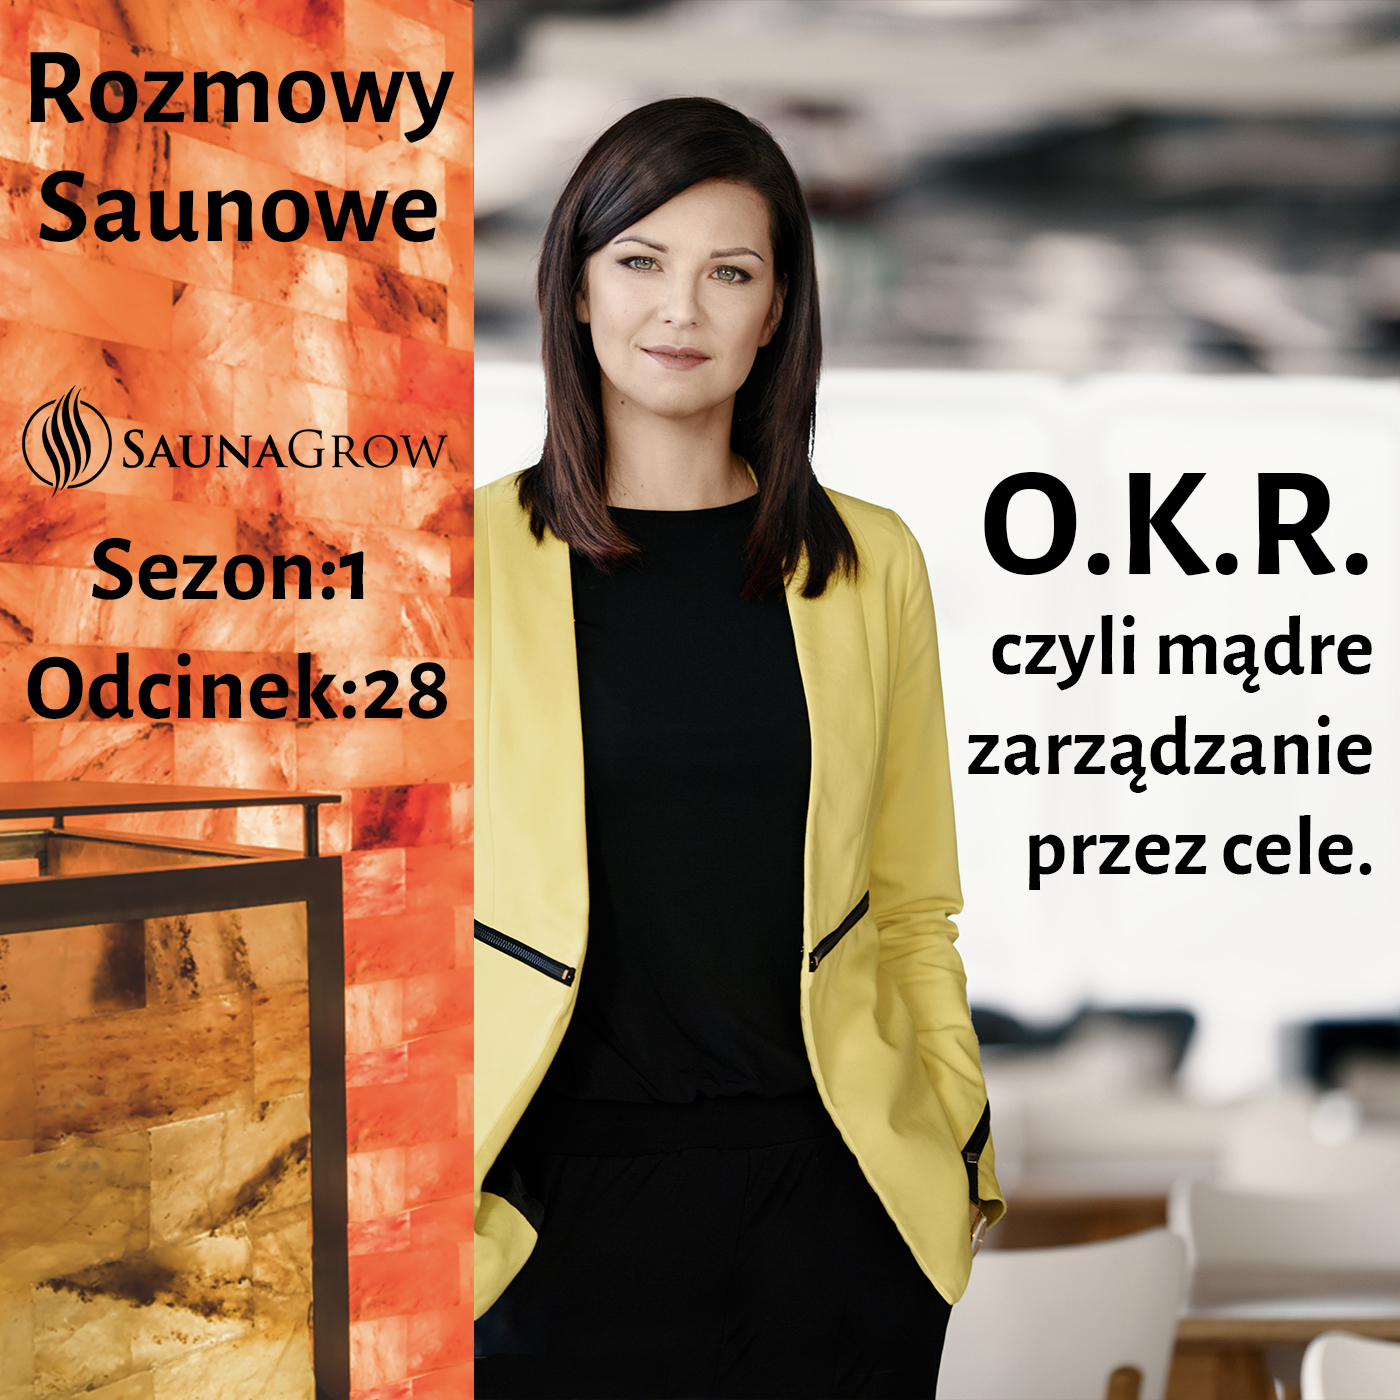 OKR - zarządzanie przez cele